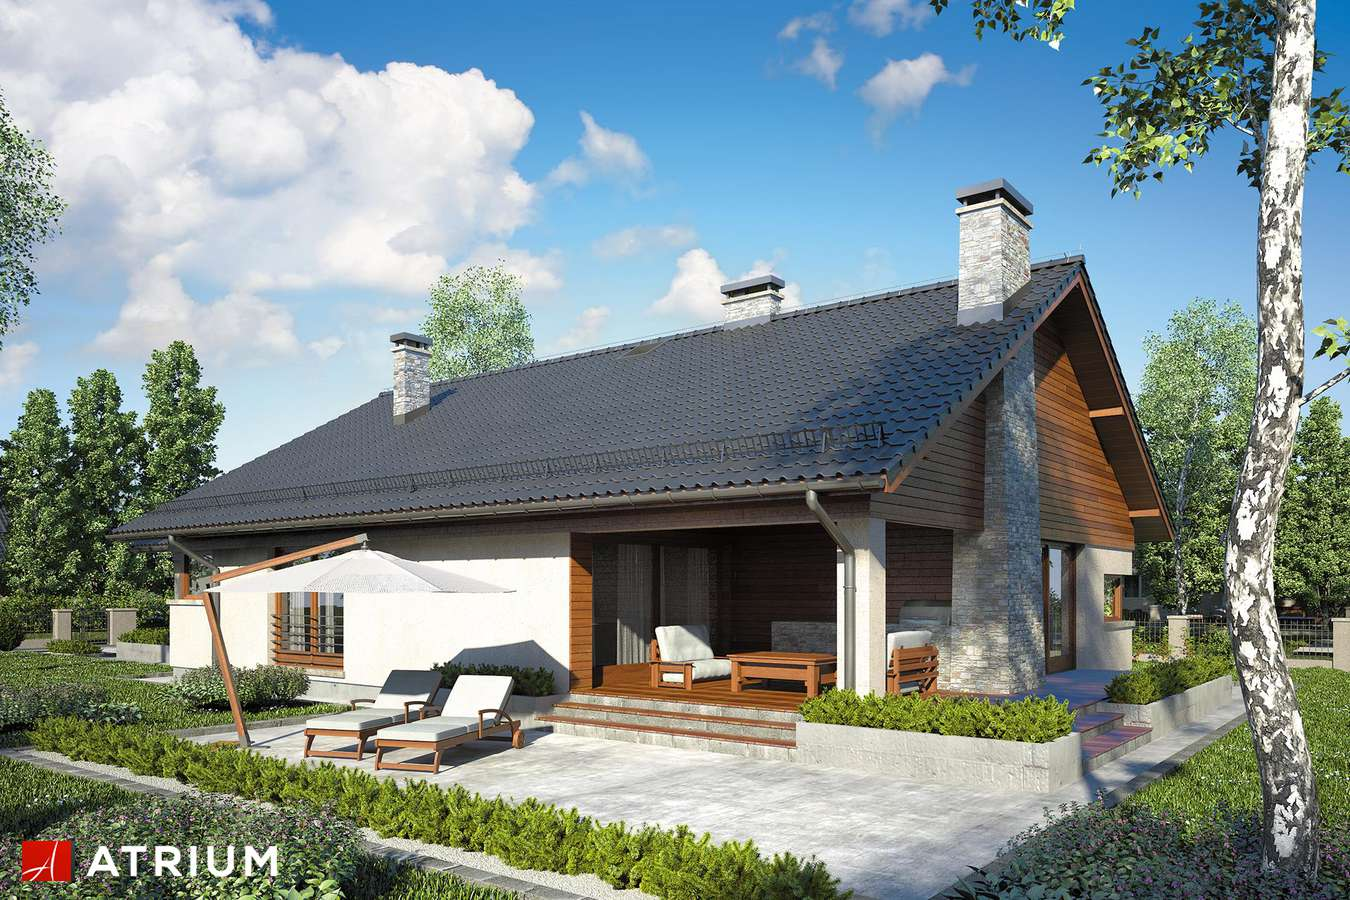 Projekty domów - Projekt domu parterowego IBIS - wizualizacja 2 - wersja lustrzana